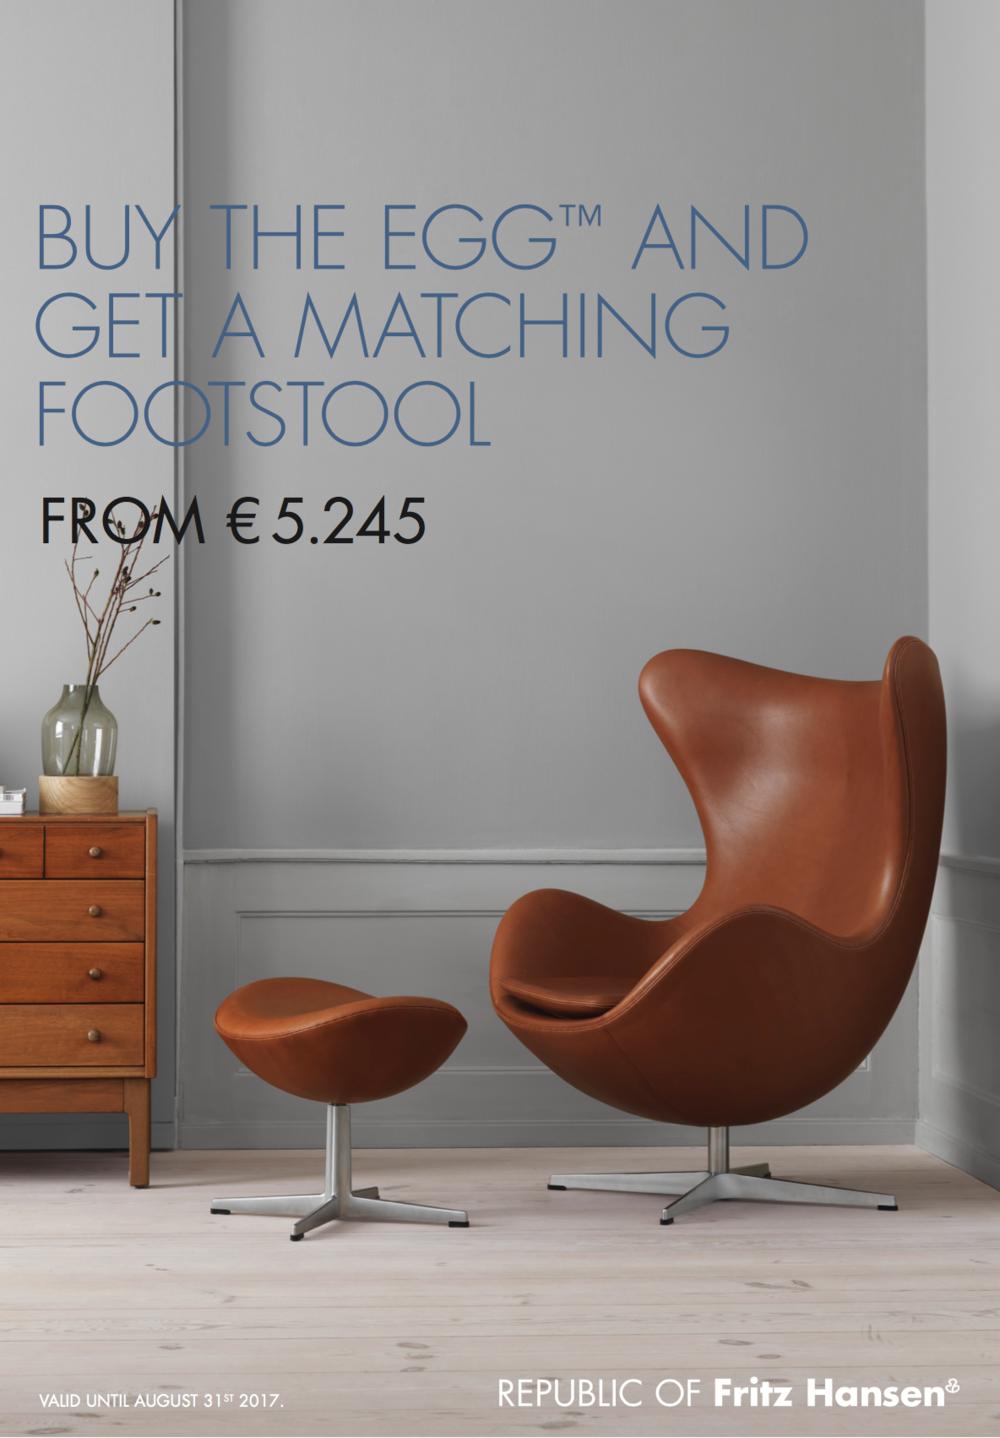 Koop de Egg Chair van Fritz Hansen en krijg er gratis een voetenbank ...